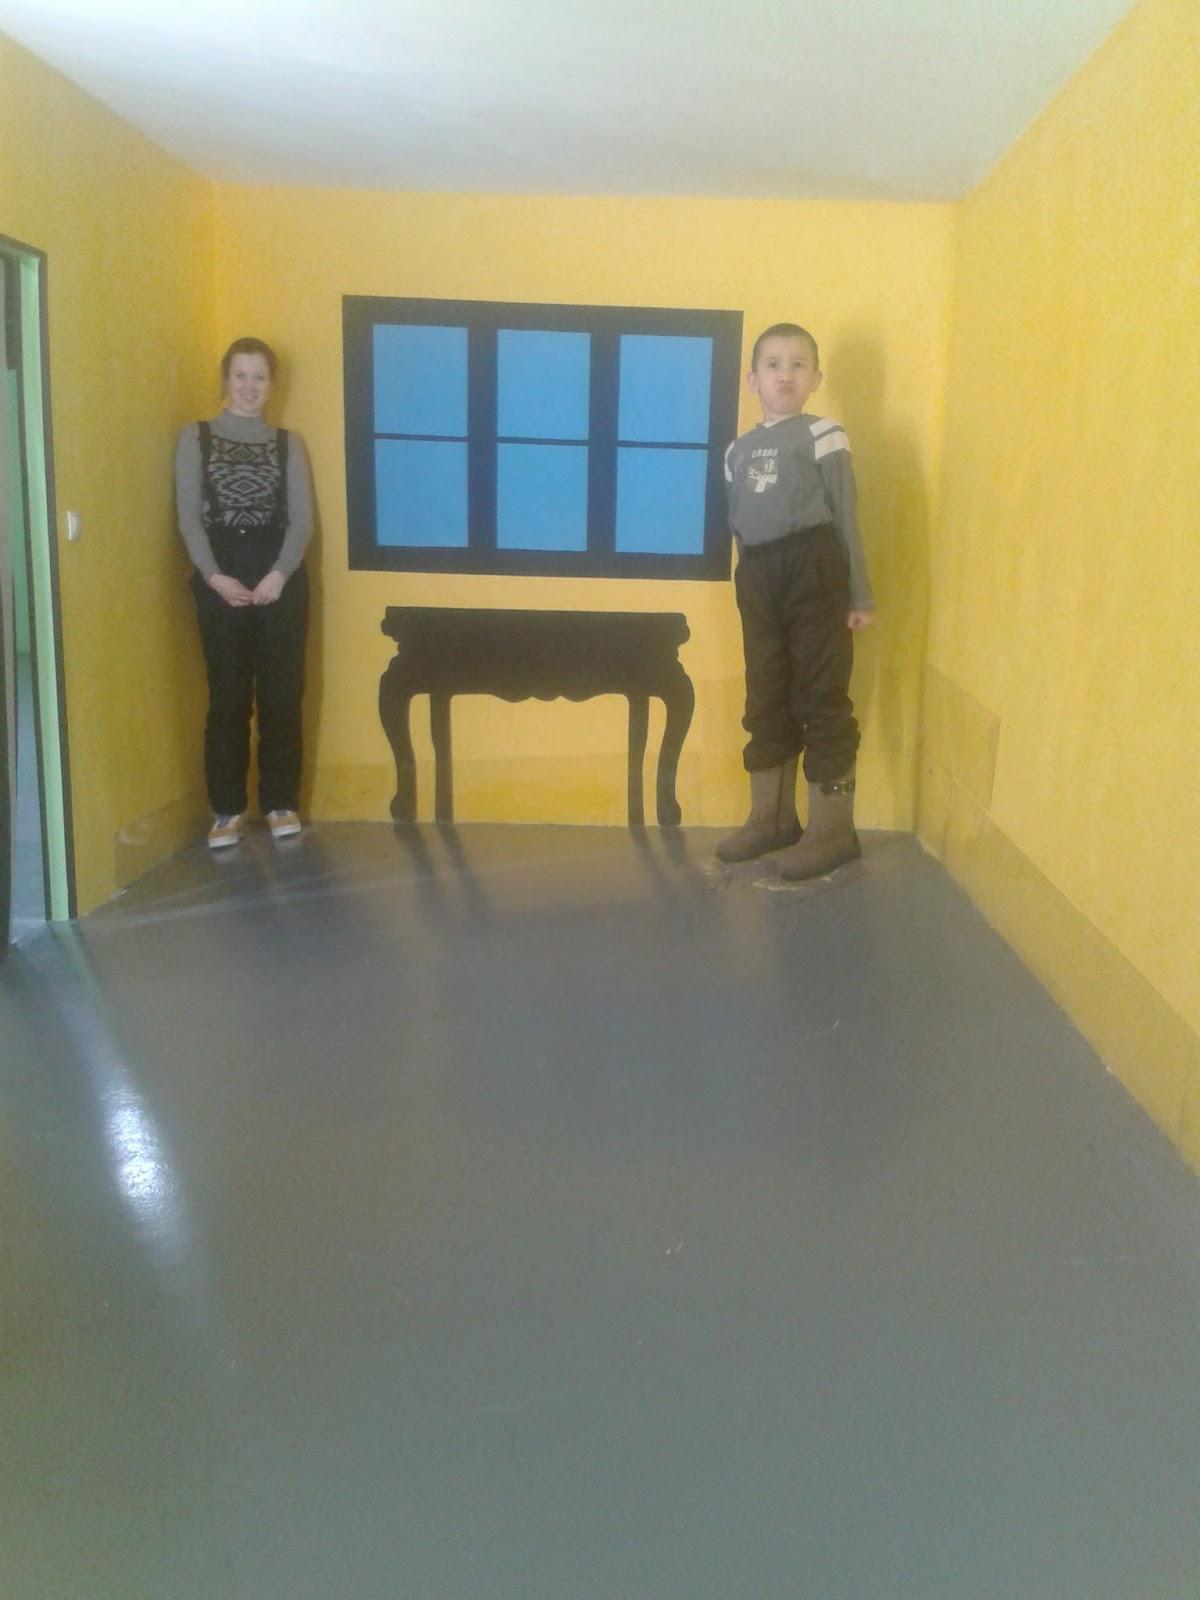 Комната с перевернутой мебелью кухни русская сантехника